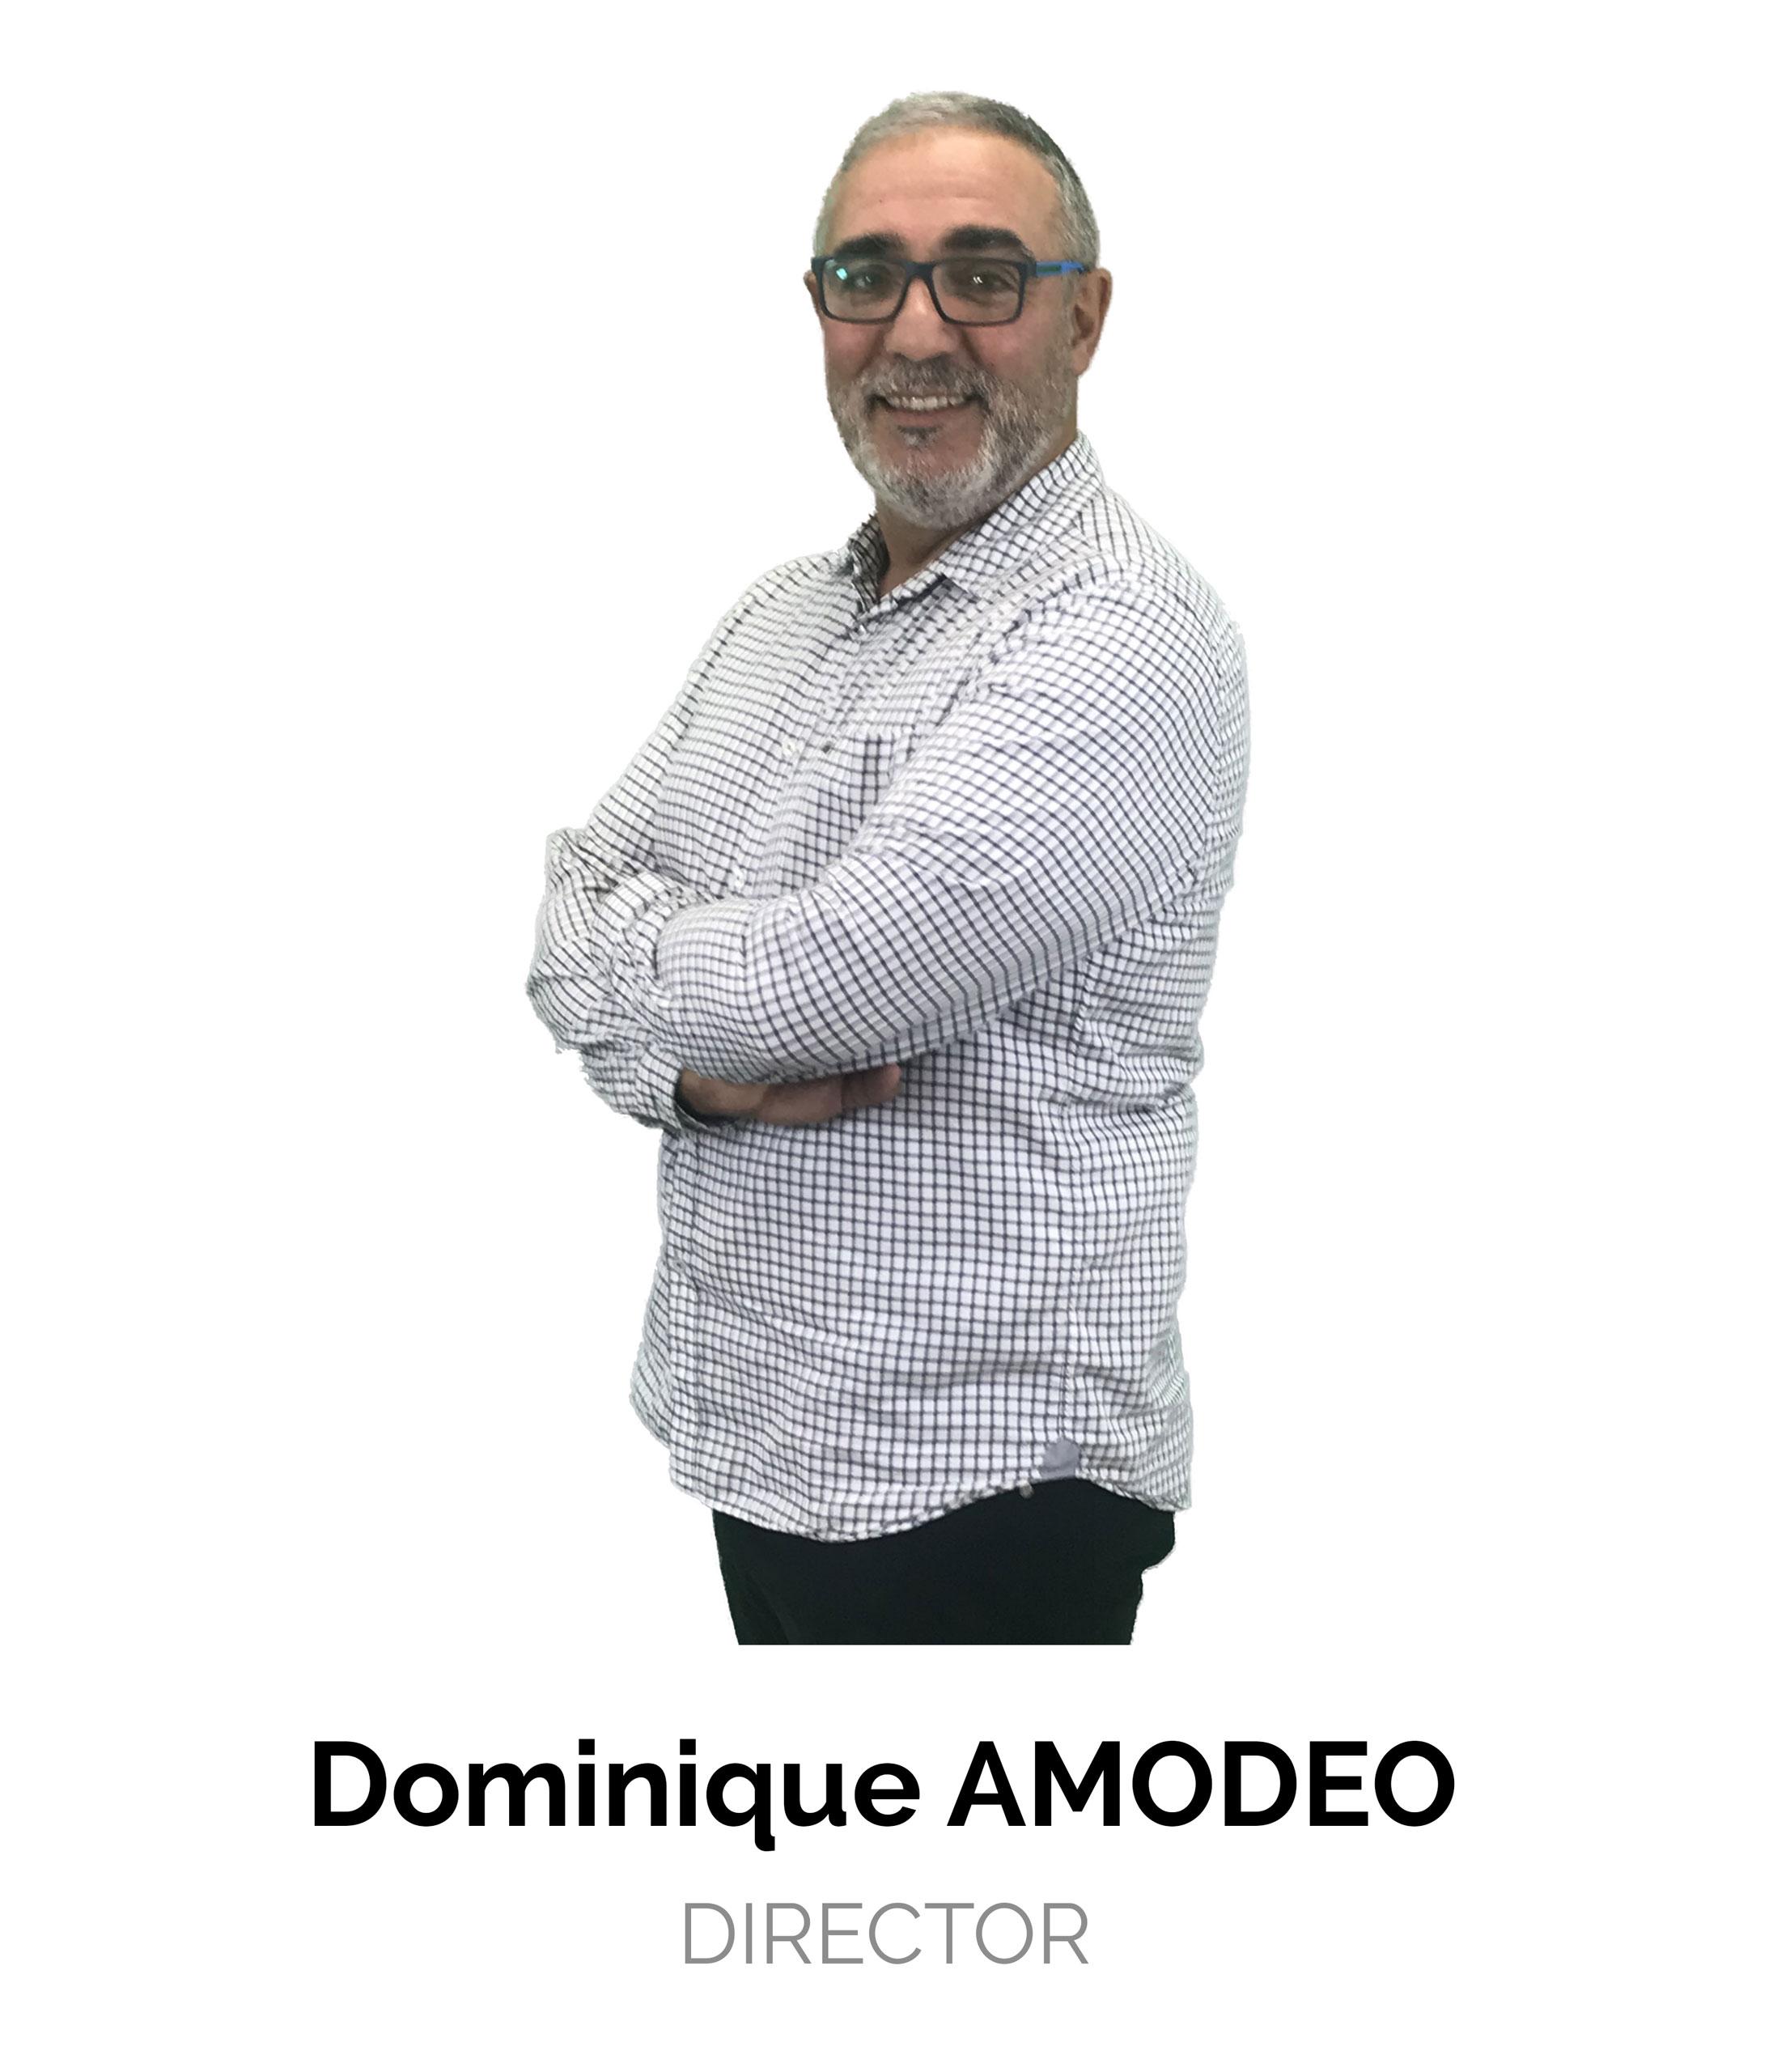 Dominique-Amodeo